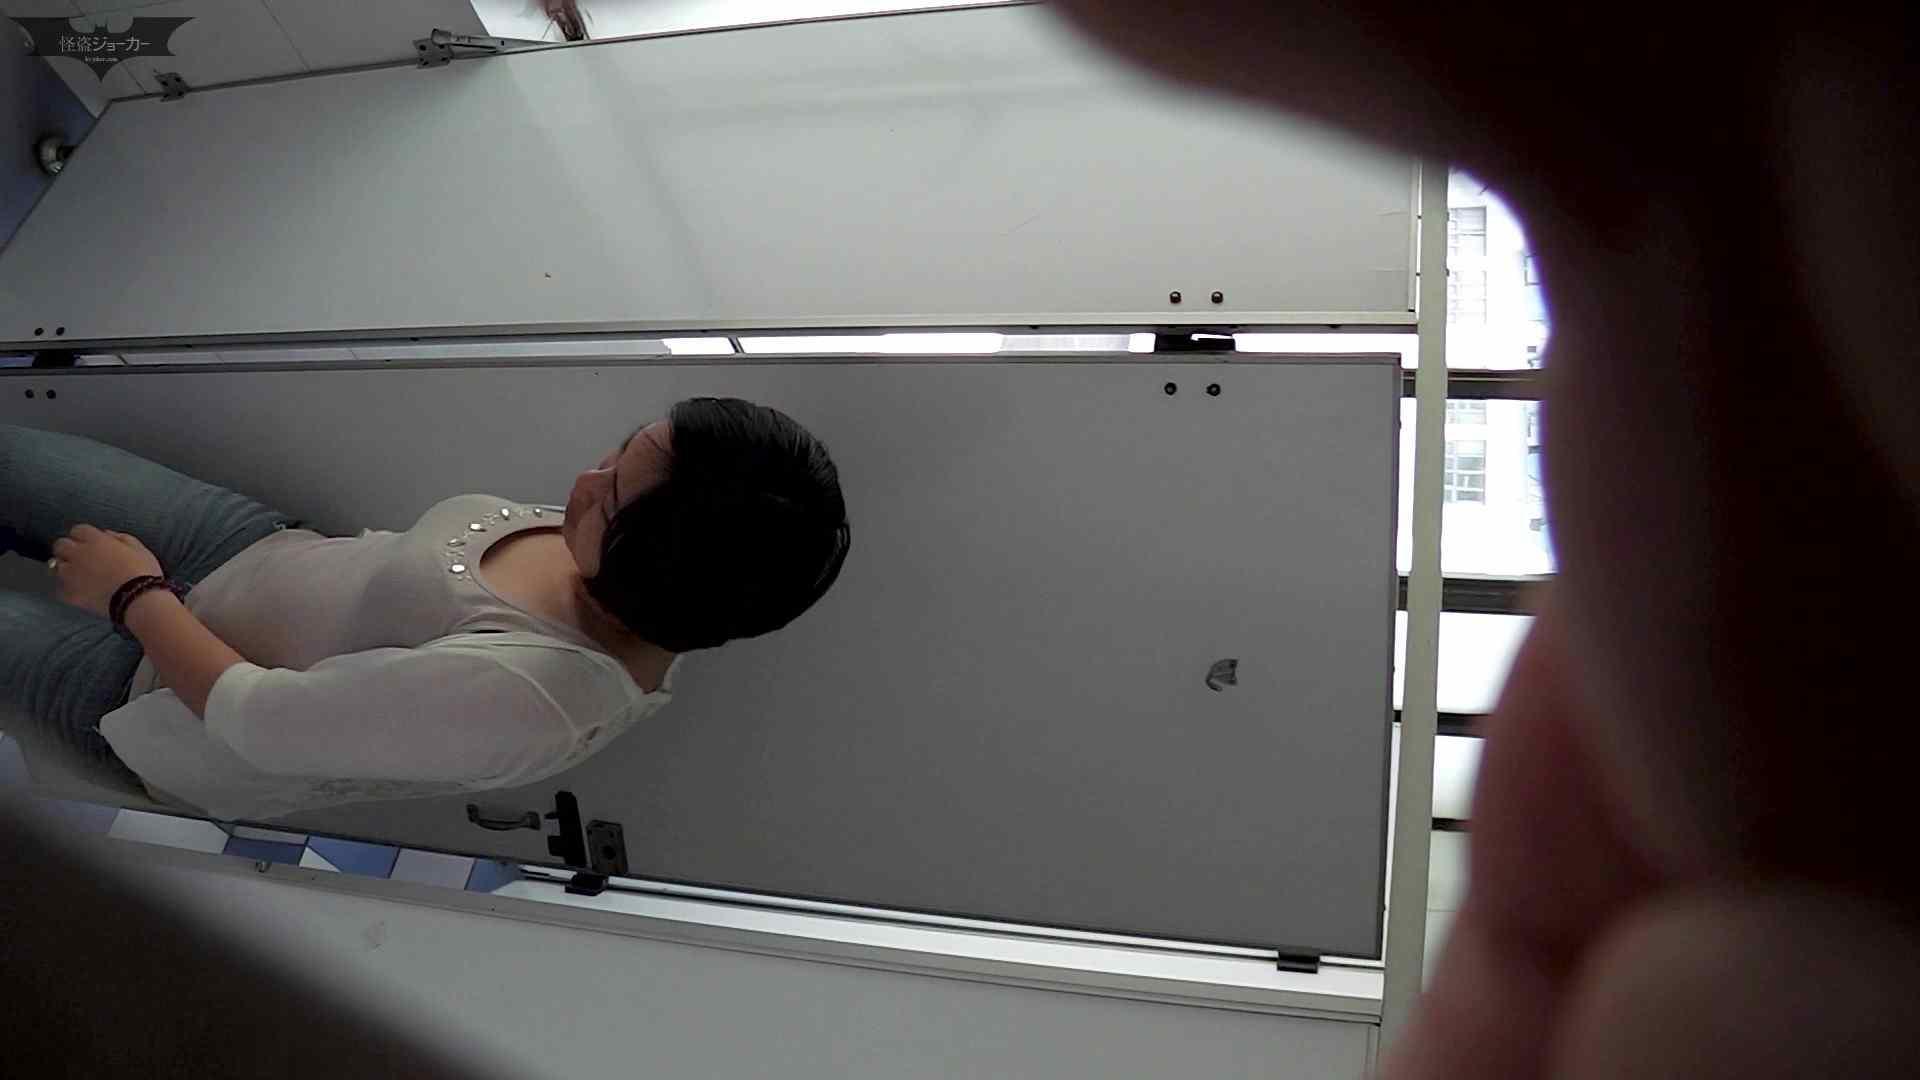 なんだこれ!! Vol.08 遂に美女登場!! OLの実態 盗撮エロ画像 93pic 46